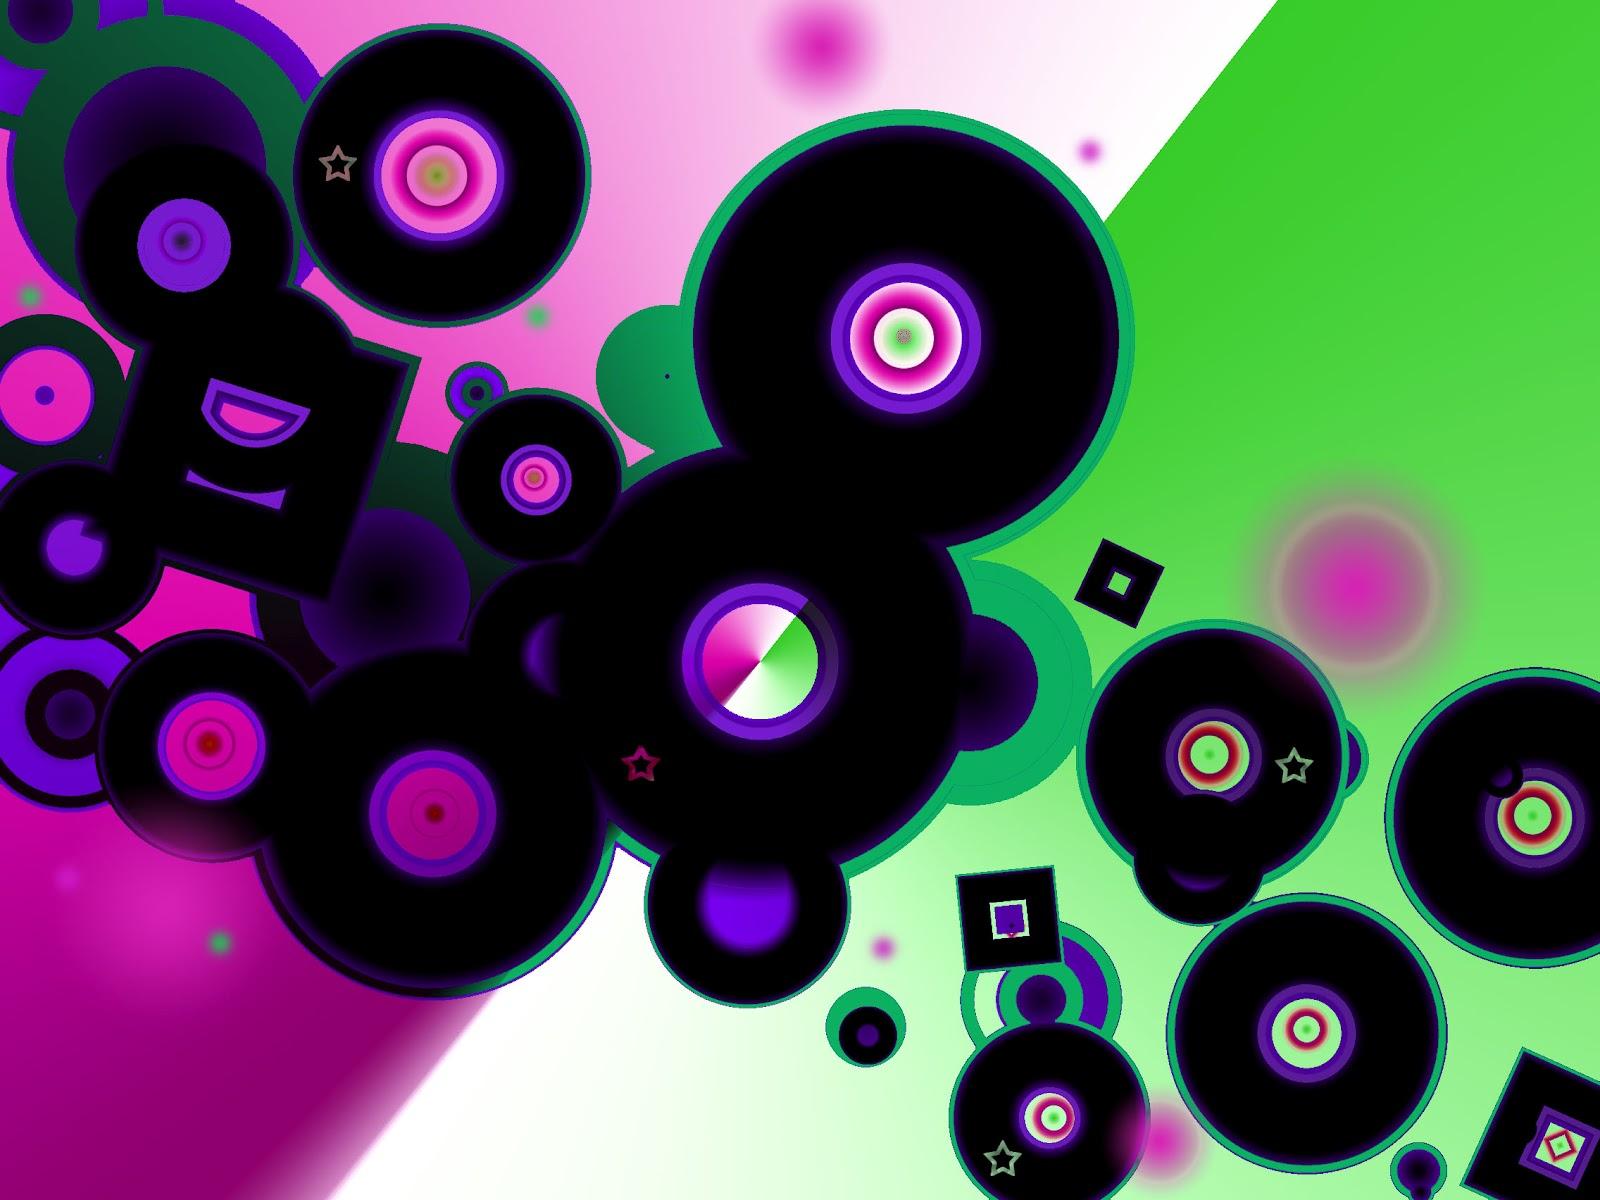 http://4.bp.blogspot.com/-cCRMIxiWS9g/T0z_q7kJCnI/AAAAAAAAAC4/OaAHbPs3tbE/s1600/CD%2527s+wallpaper.jpg